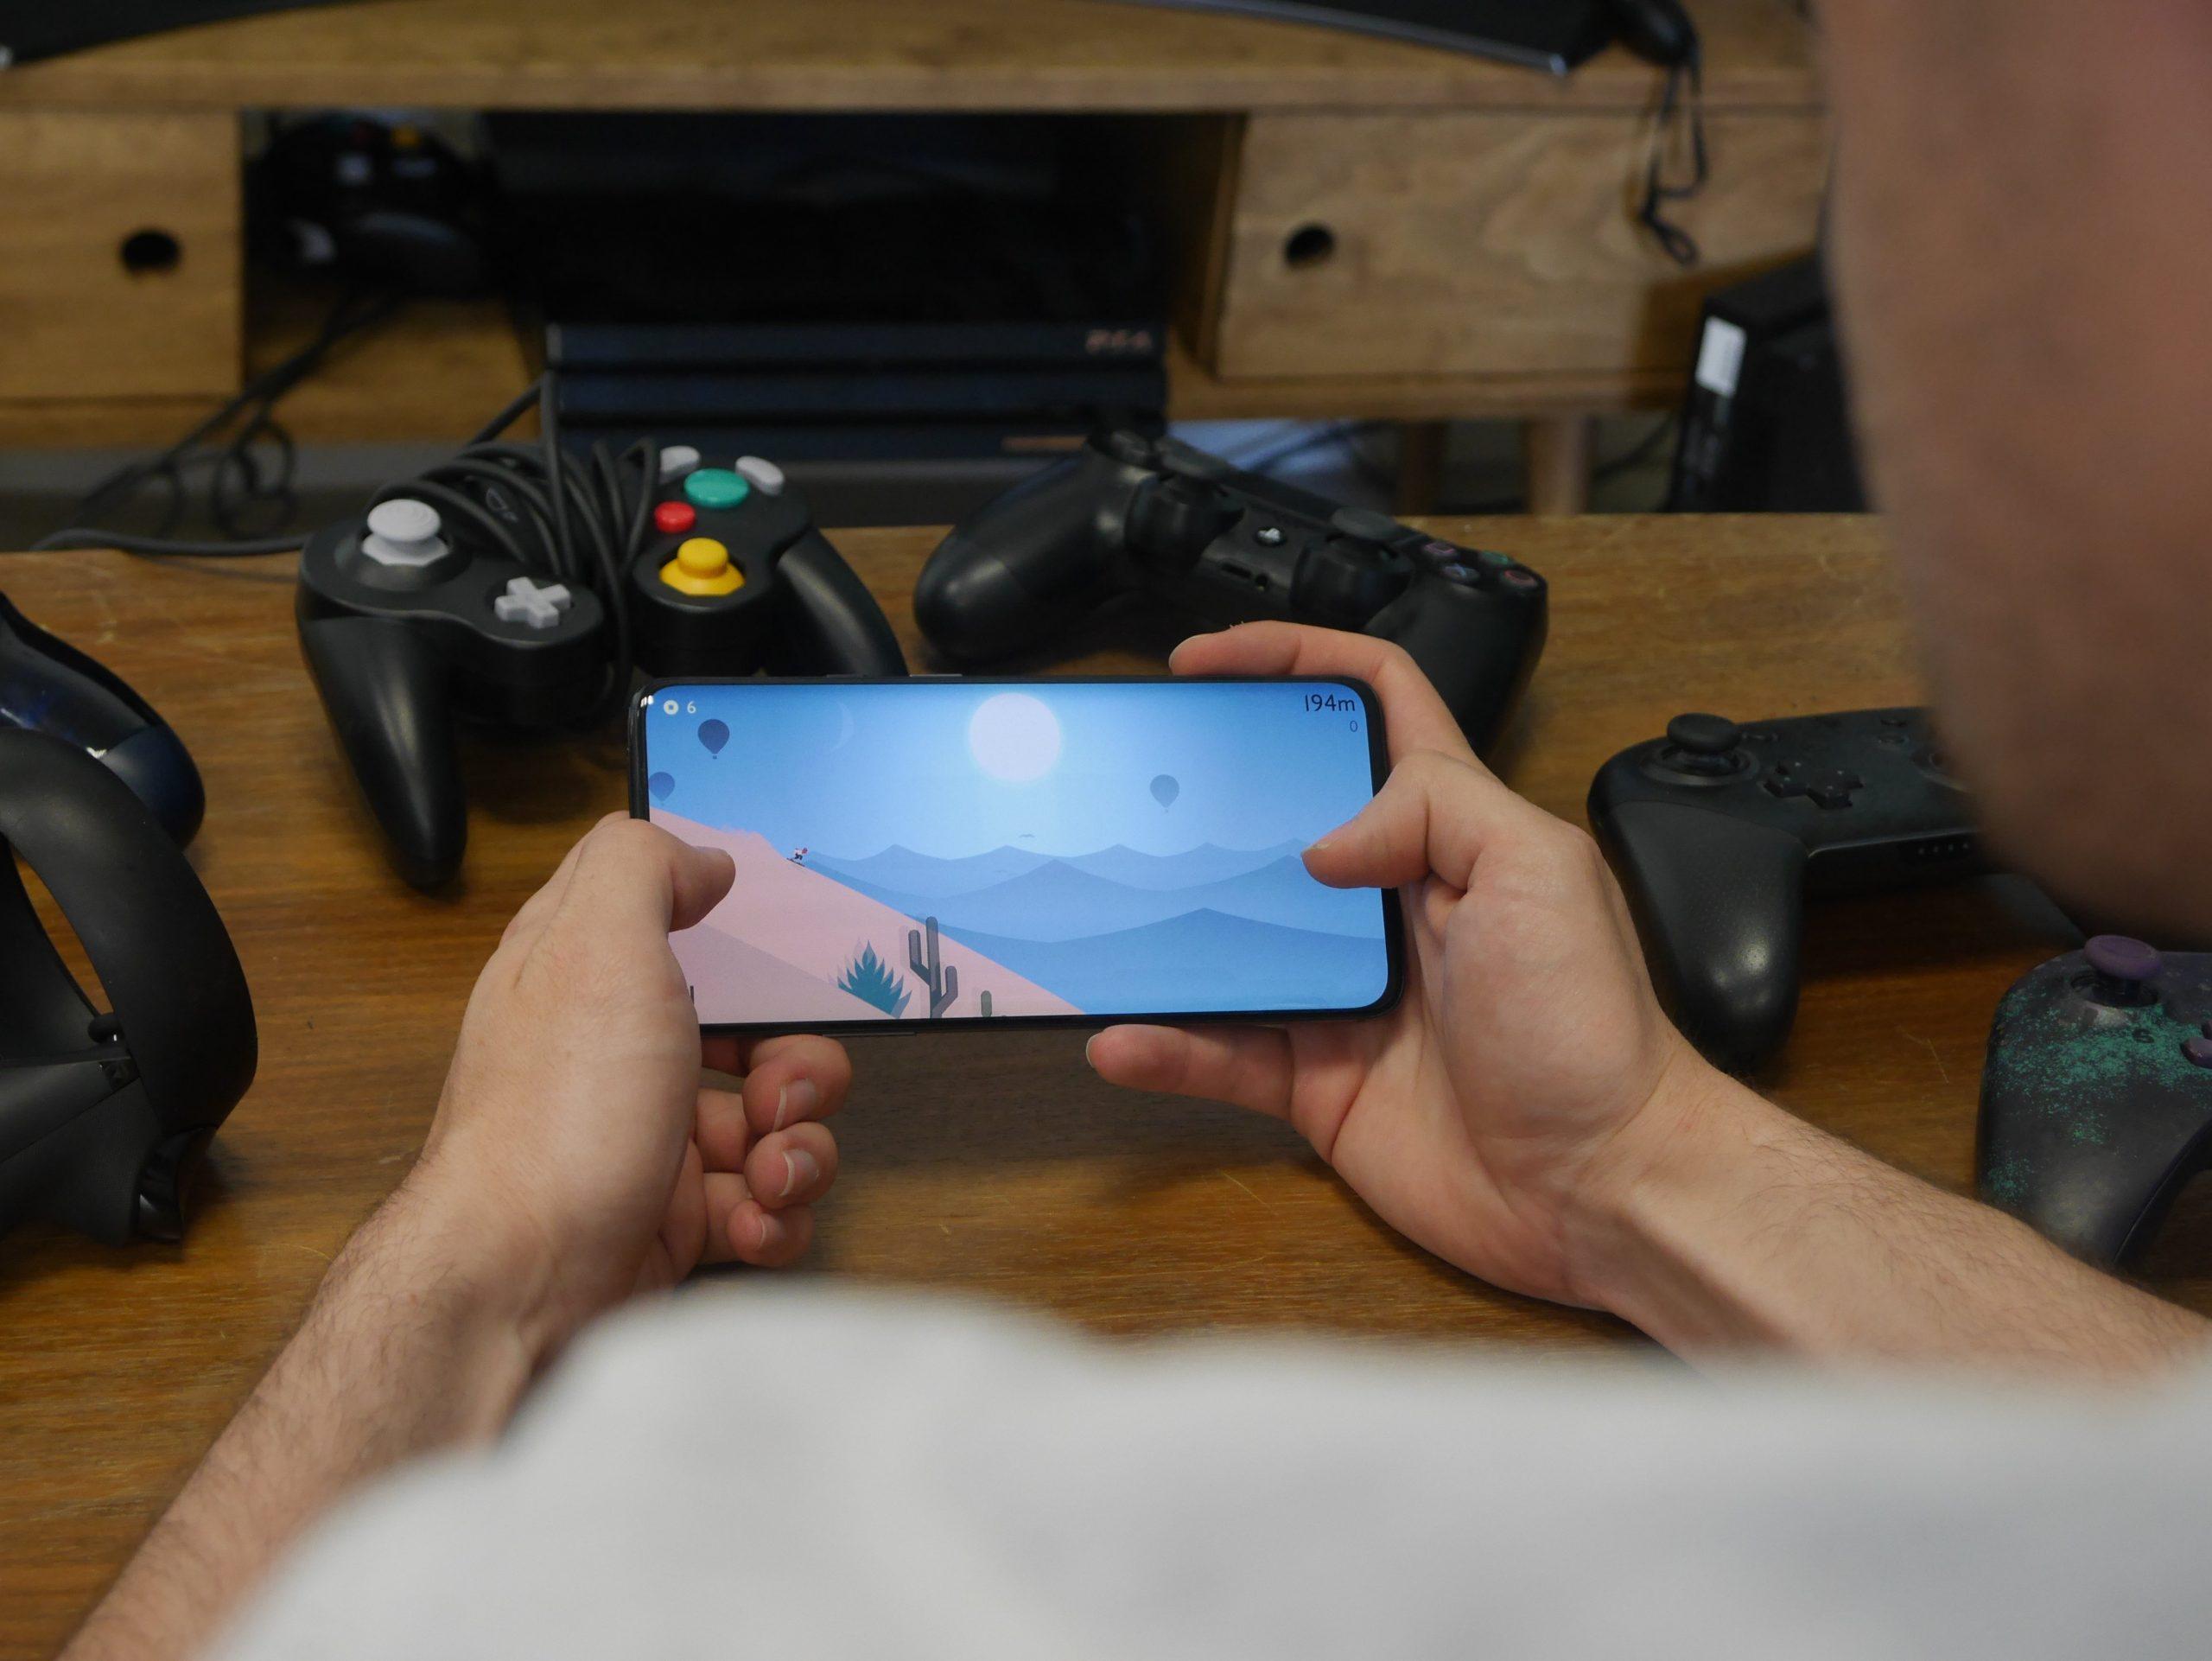 Les Meilleurs Jeux Gratuits Sur Android En 2020 avec Jeux De Tablette Gratuit